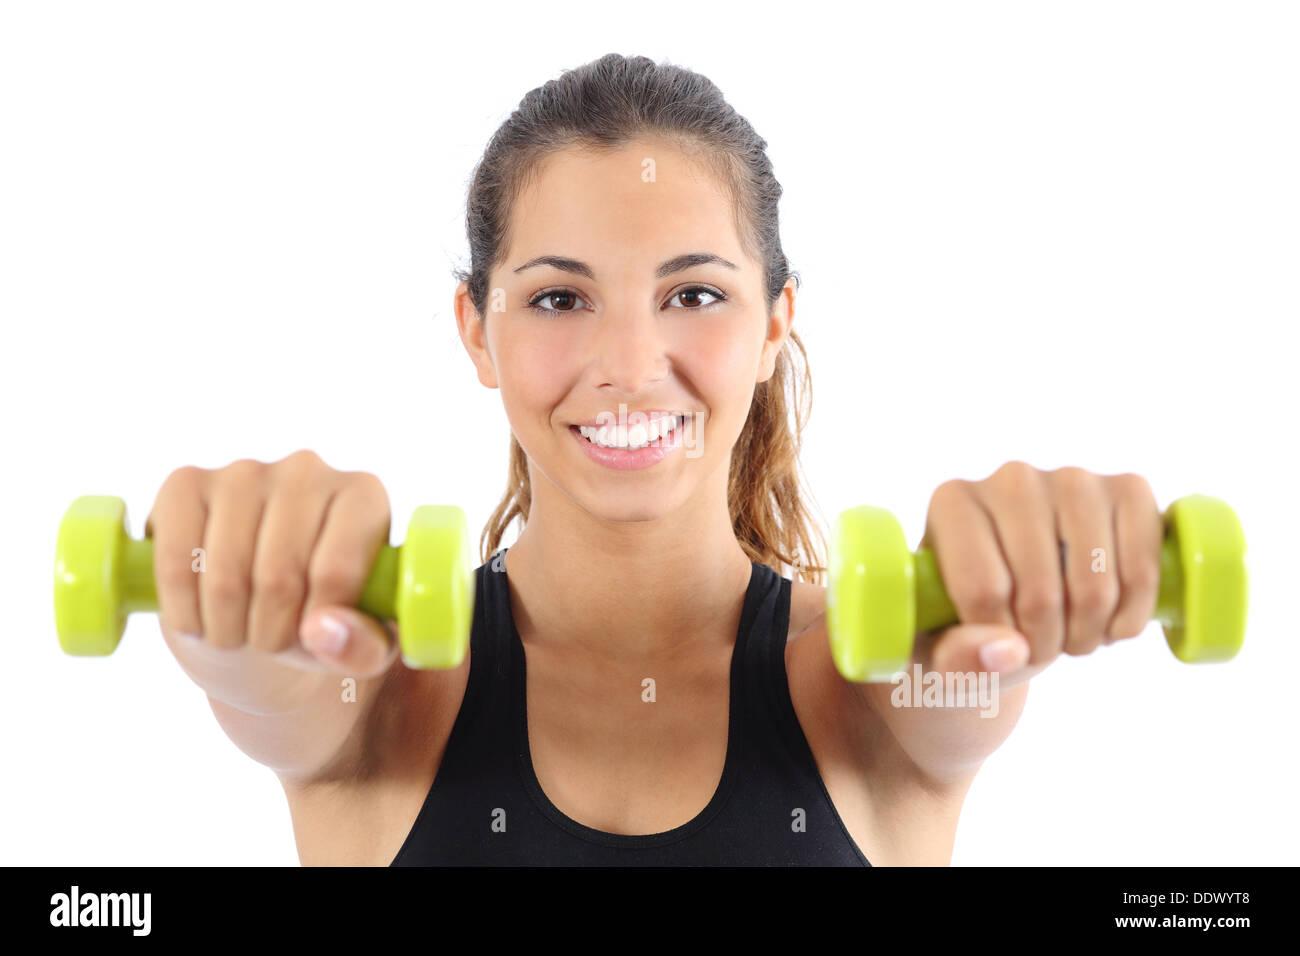 Vista frontale di un bellissimo sportive praticare aerobica con manubri isolato su uno sfondo bianco Immagini Stock